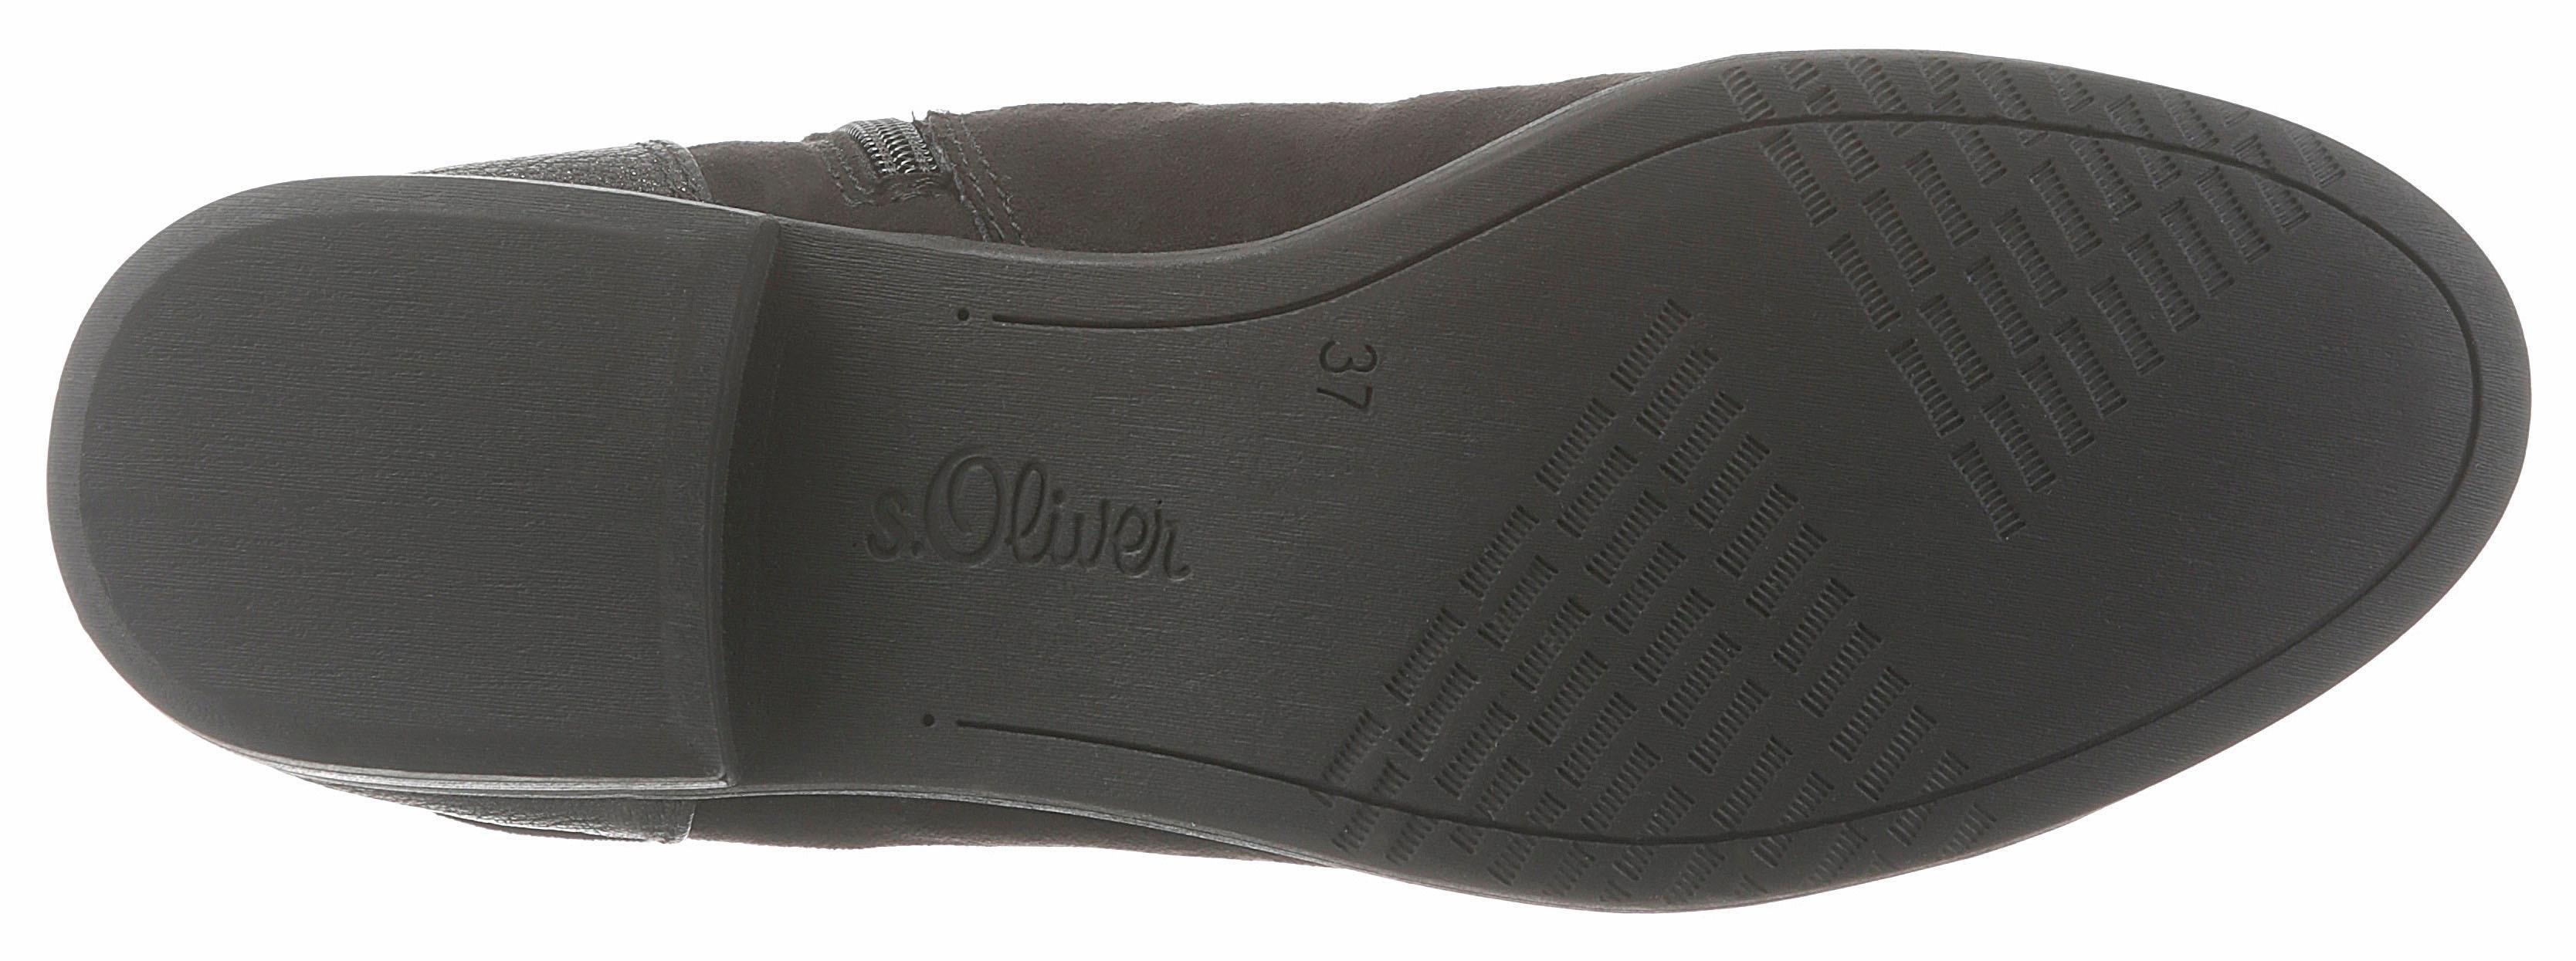 S.oliver Red Label Zomerboots Vind Je Bij